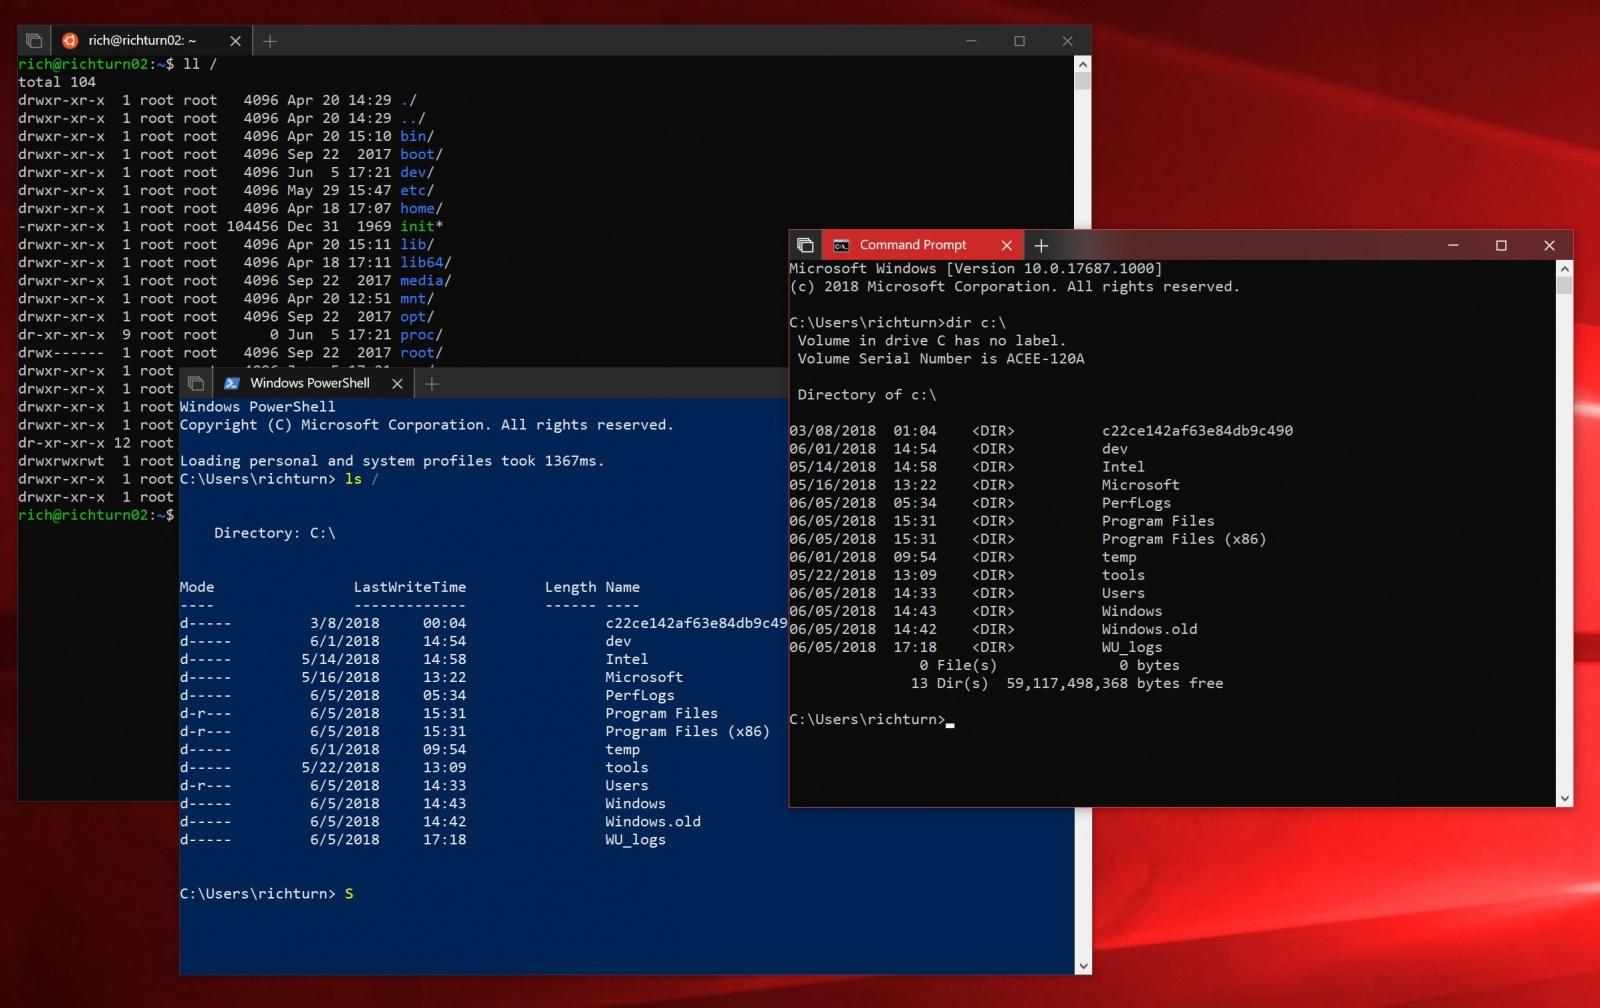 Тяжкое наследие прошлого. Проблемы командной строки Windows - 9